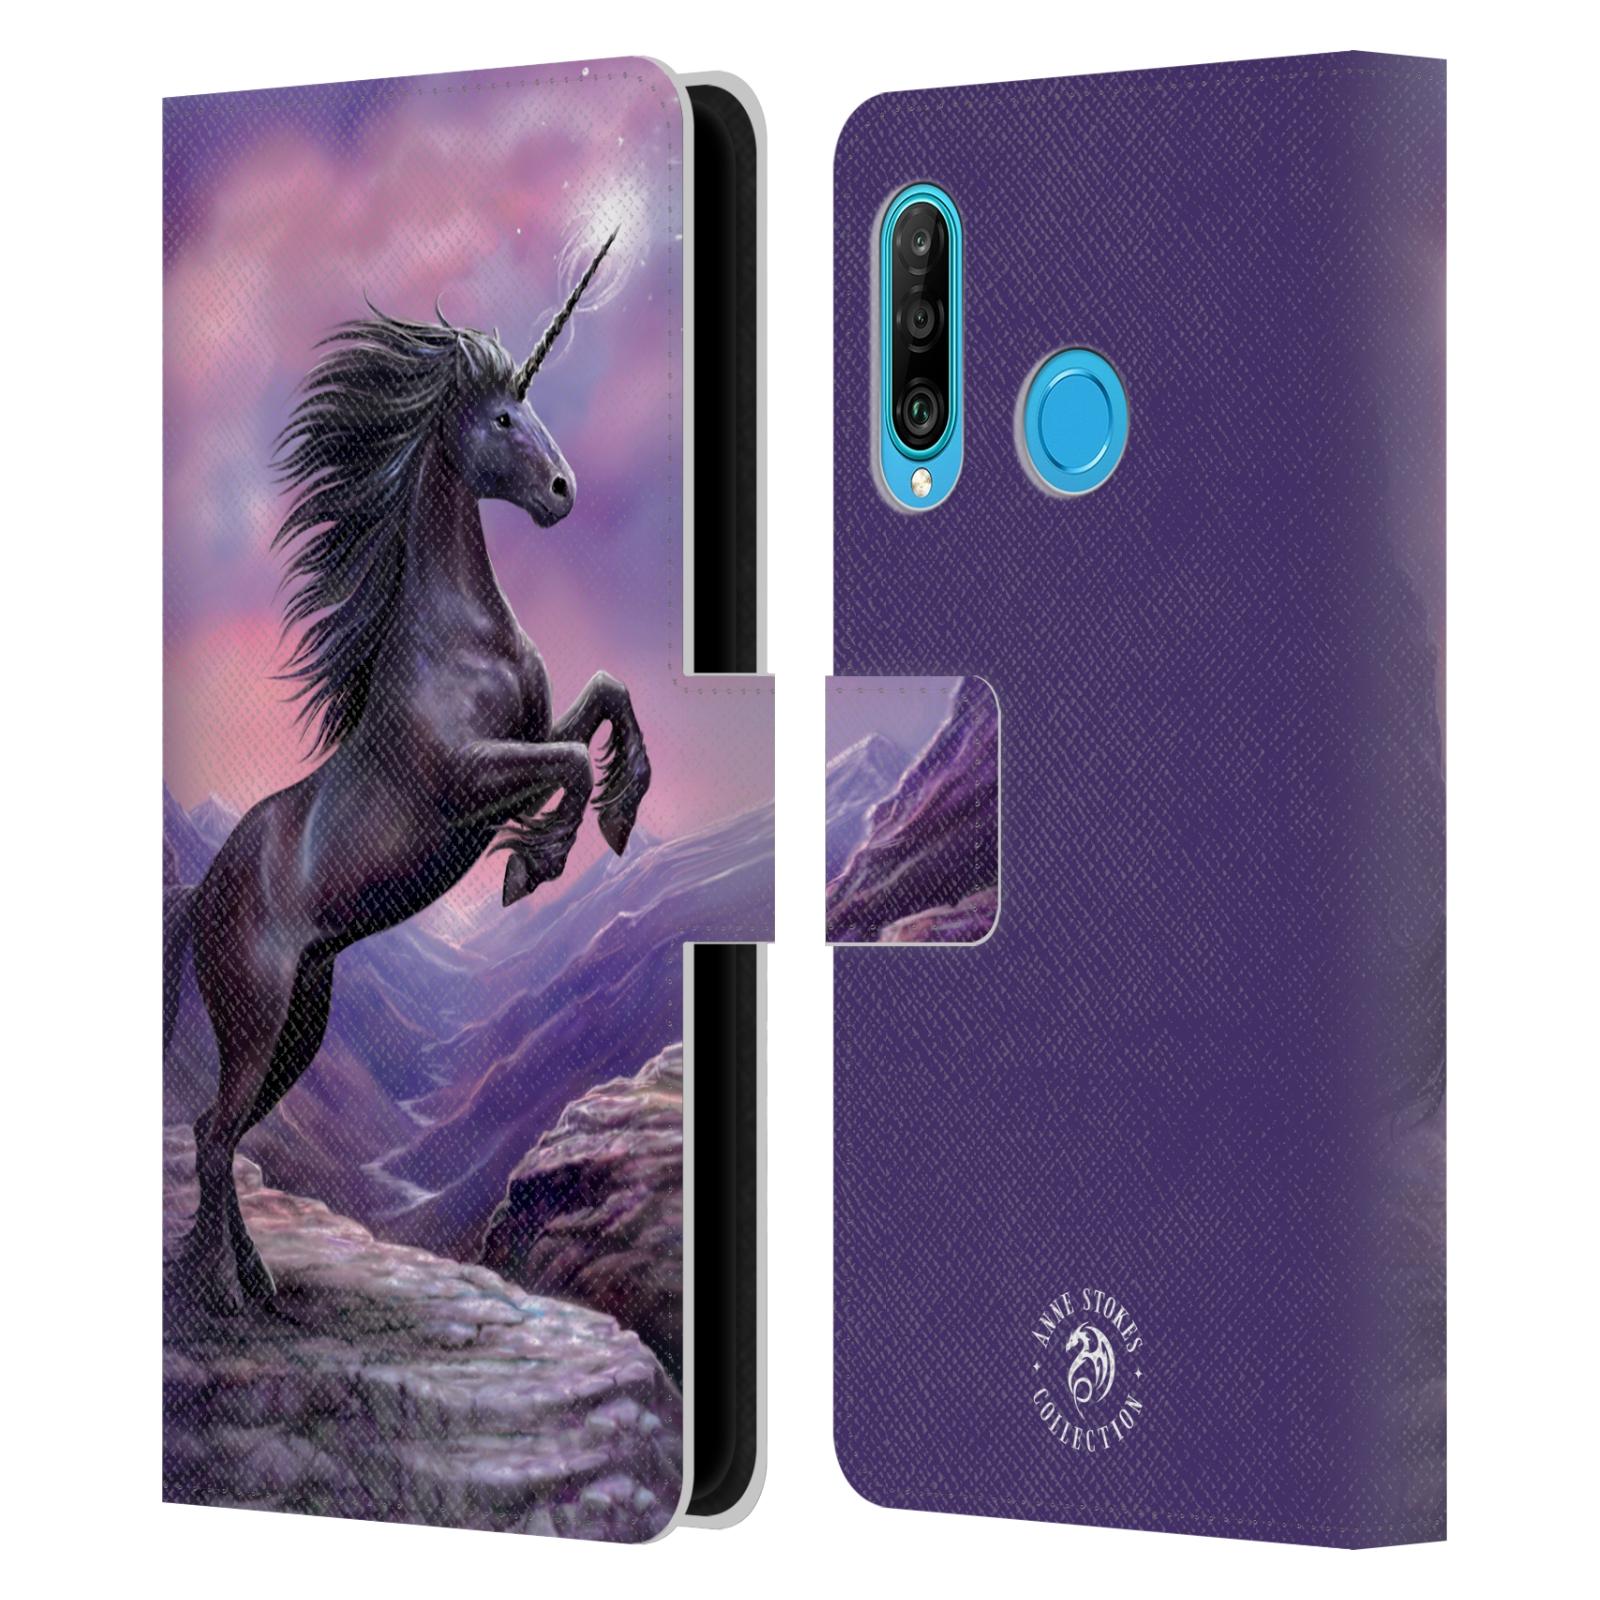 Pouzdro na mobil Huawei P30 LITE - Head Case - fantasy - černý jednorožec